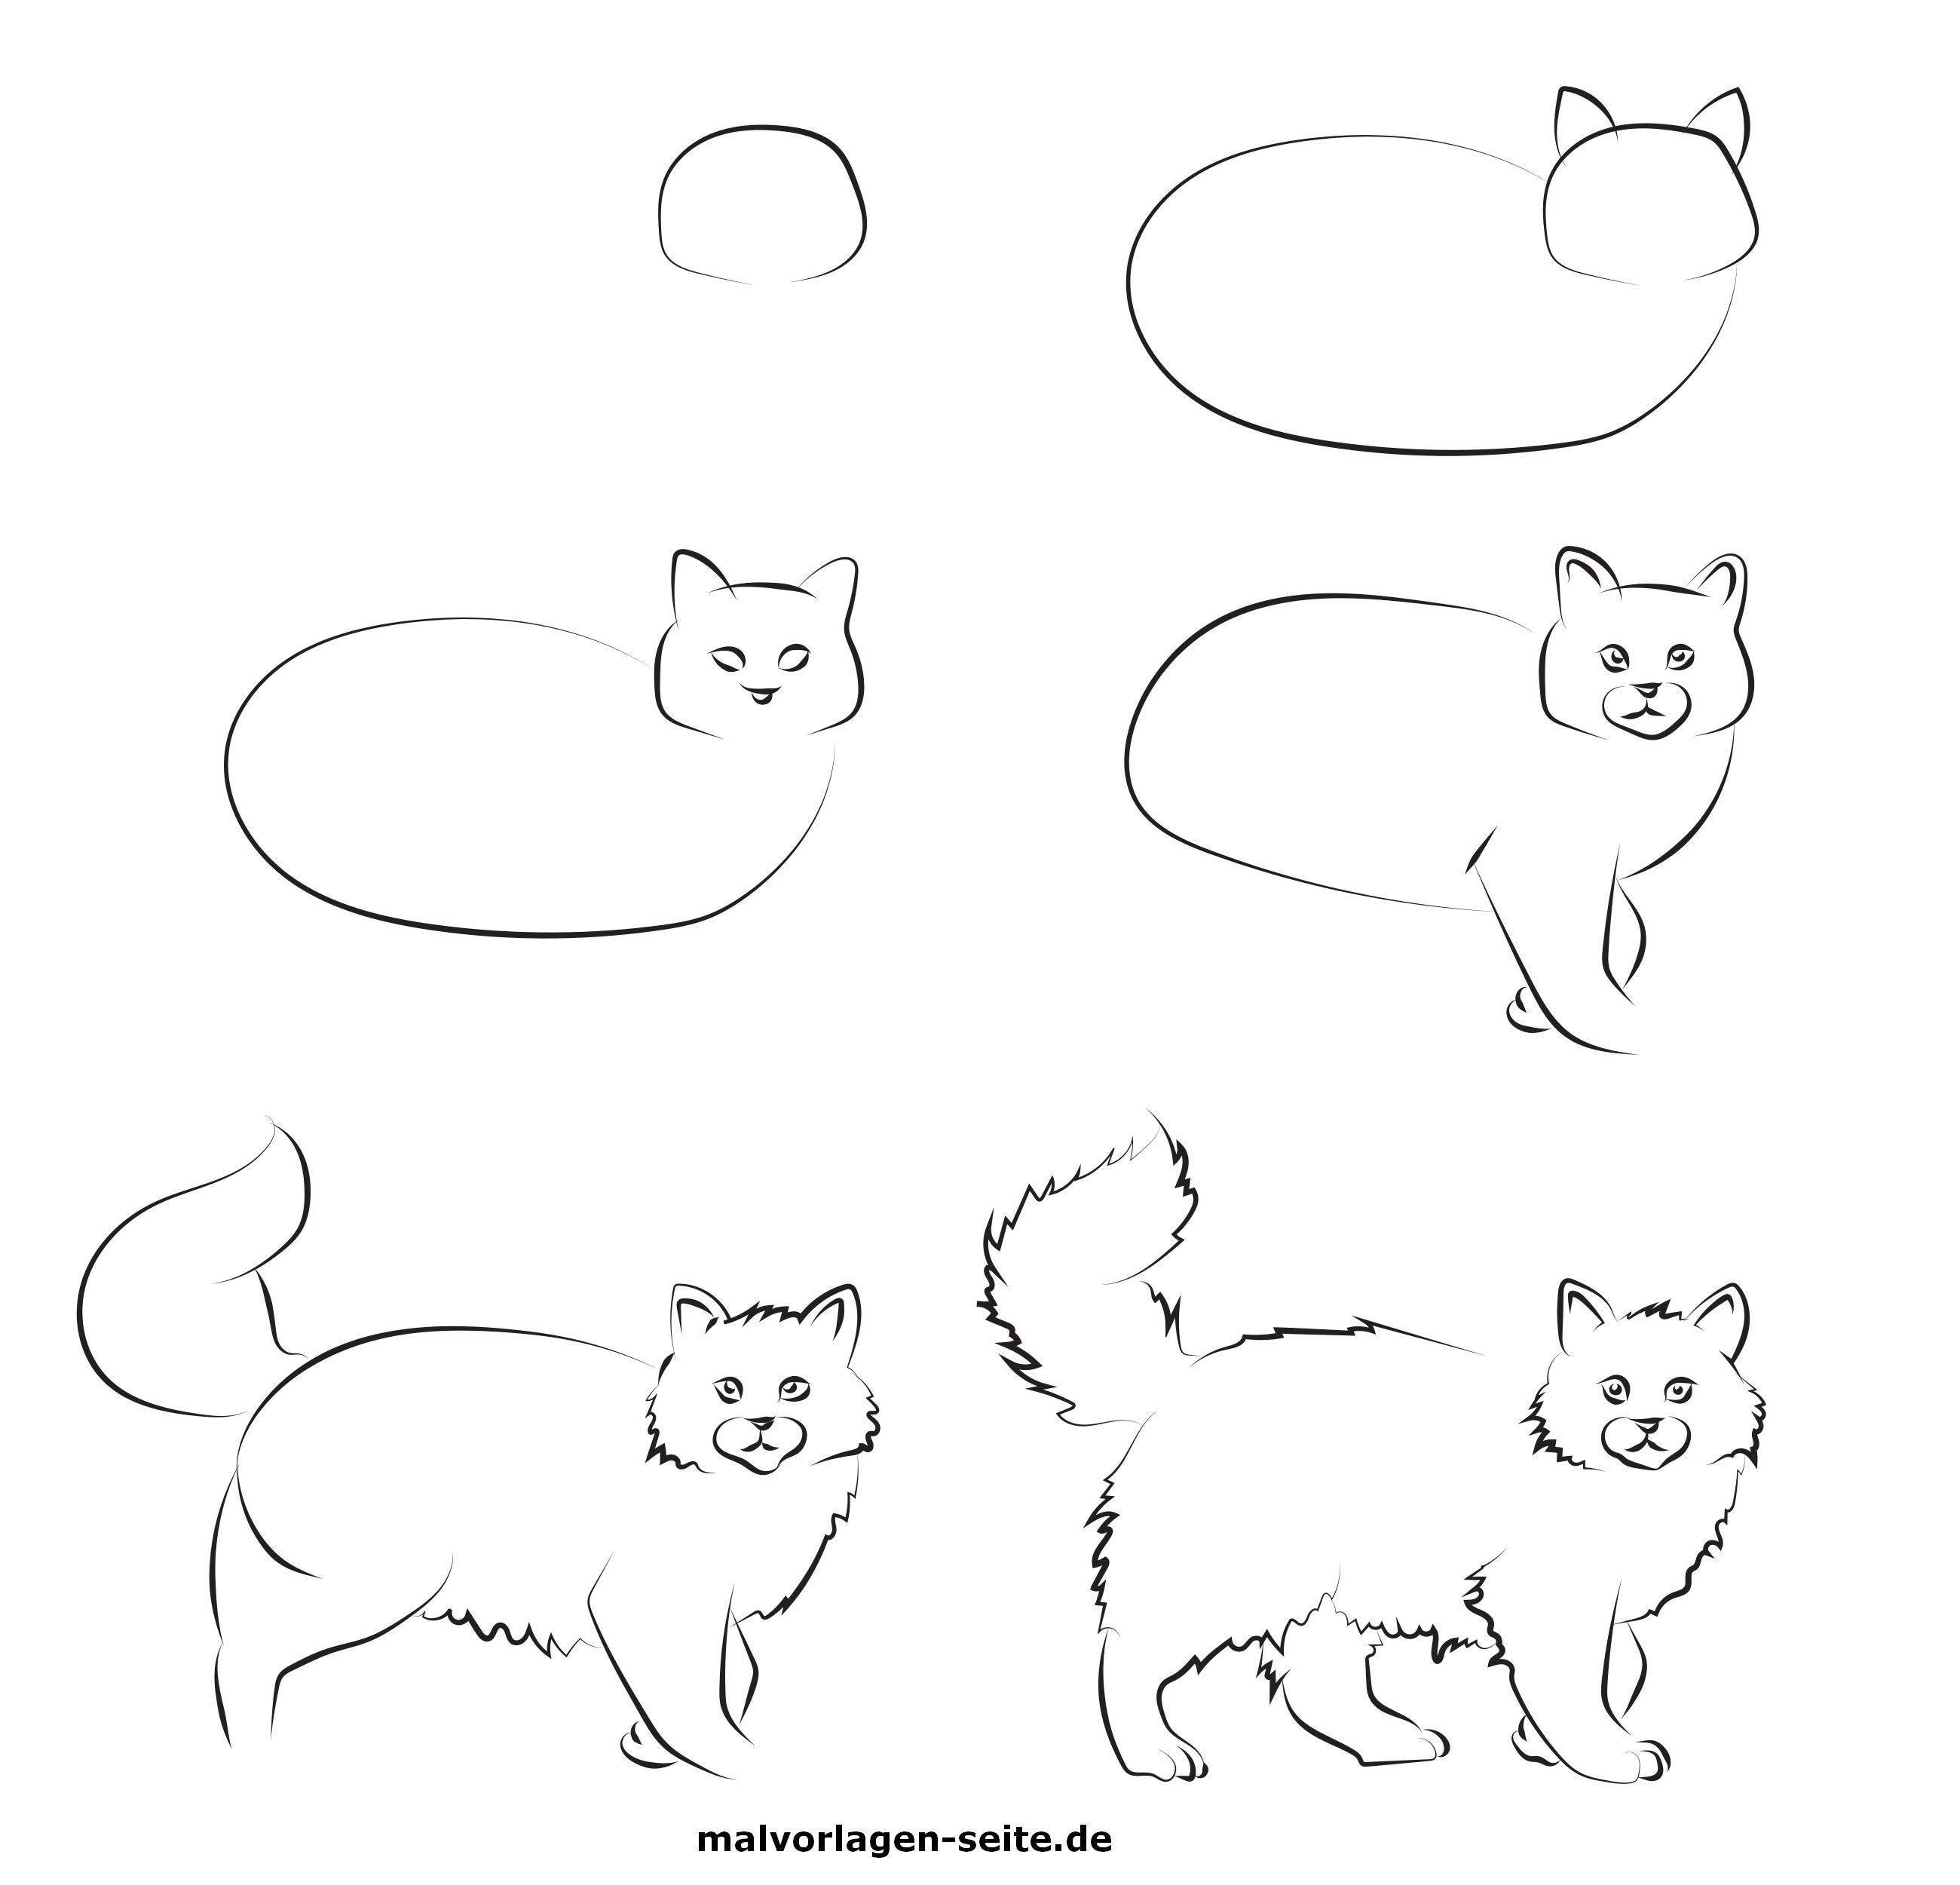 Wie Malt Man Eine Katze Gratis Malvorlagen Zum Download